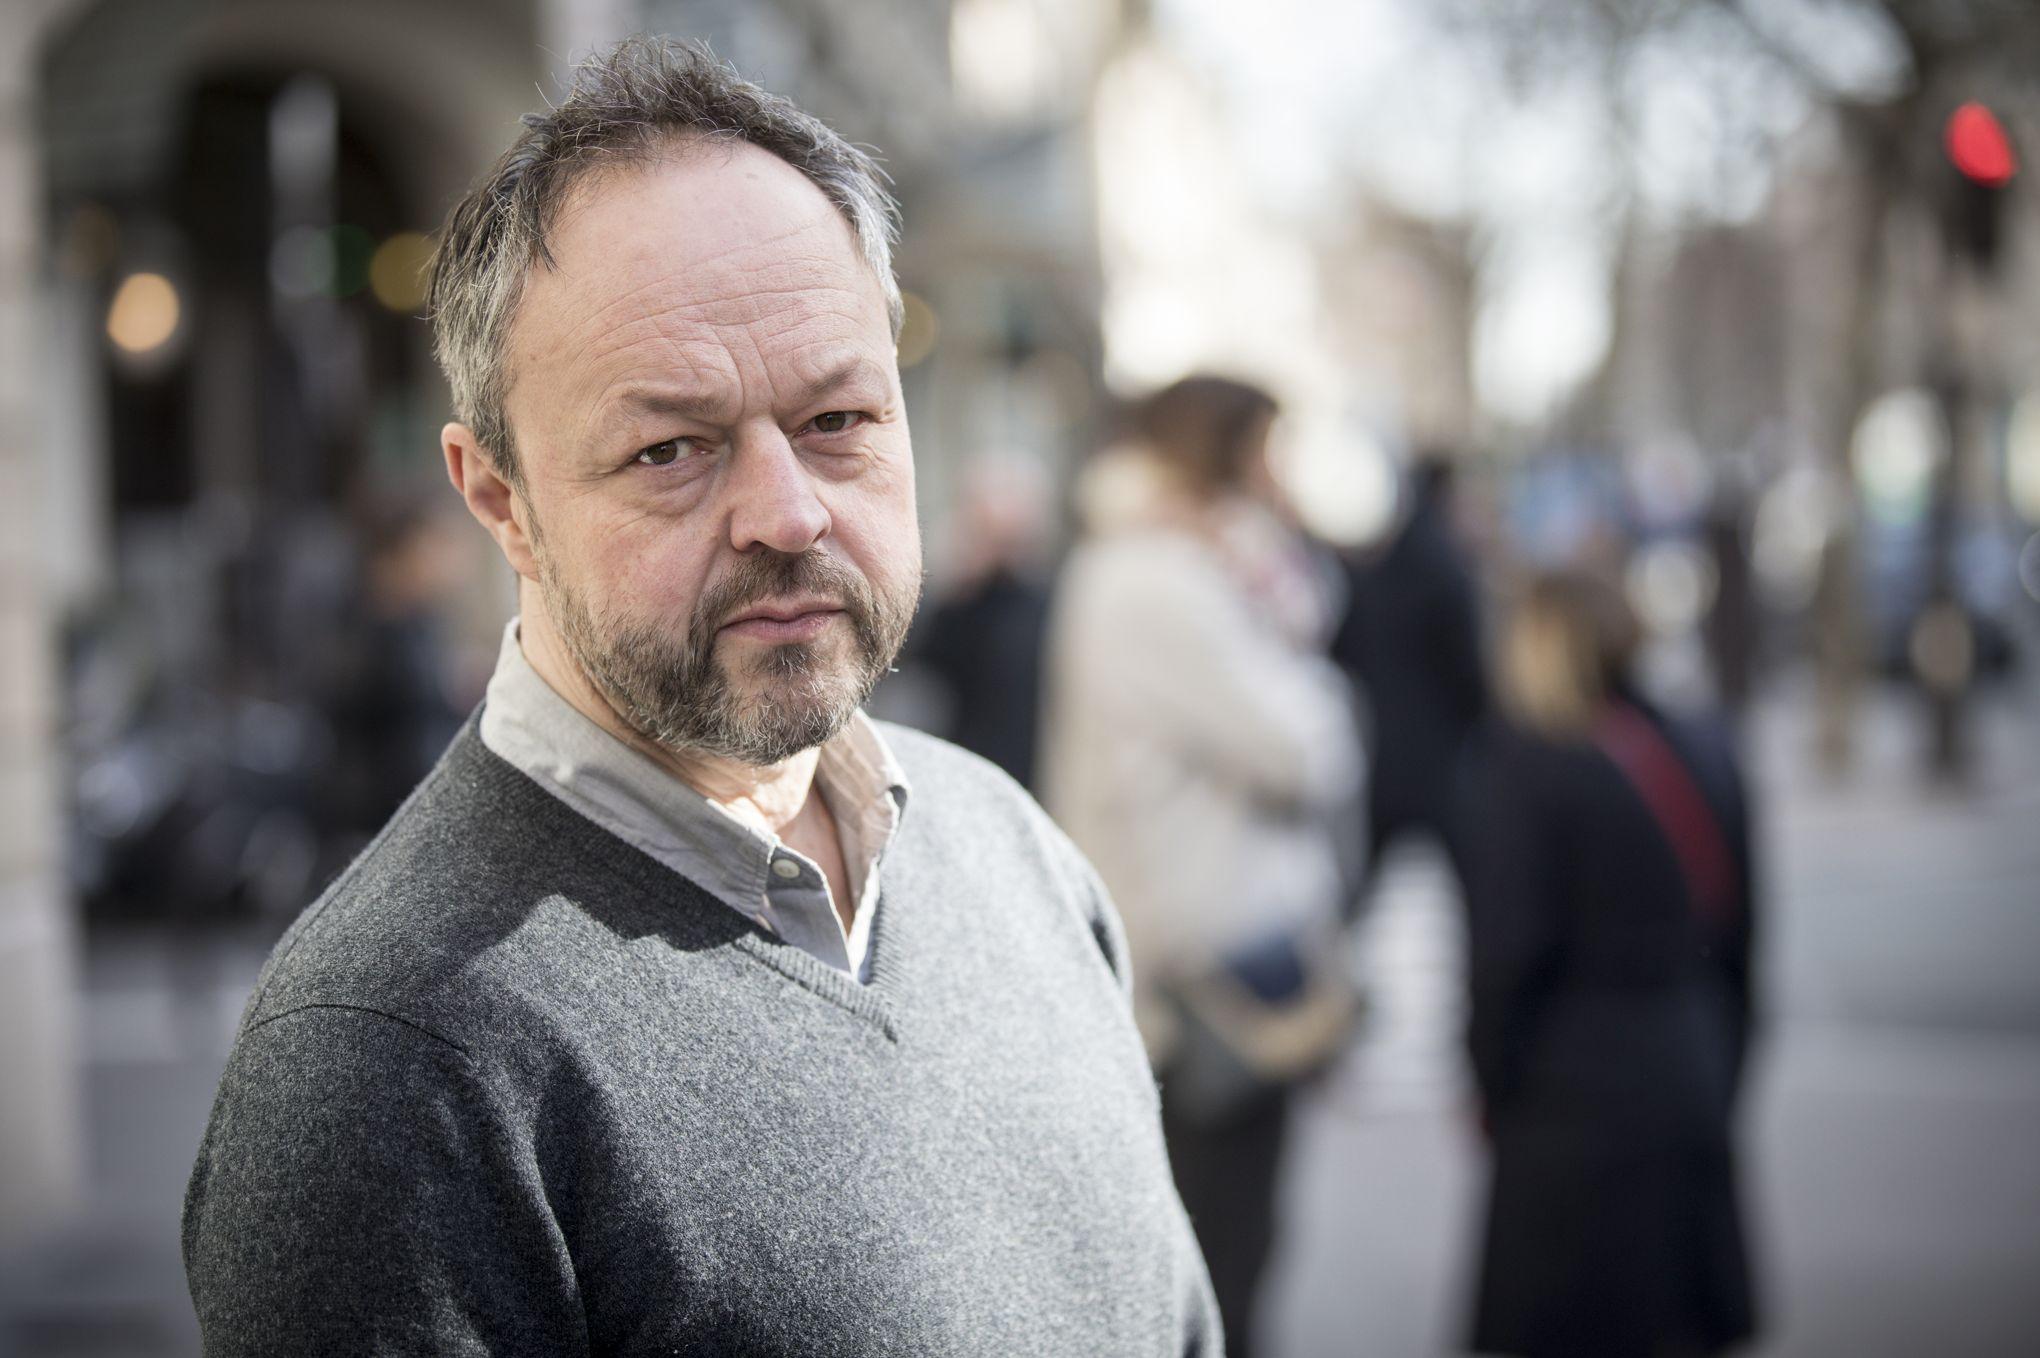 Filme Seu Nome É Jonas in figarovox - opinions, débats, controverses autour de l'actualité